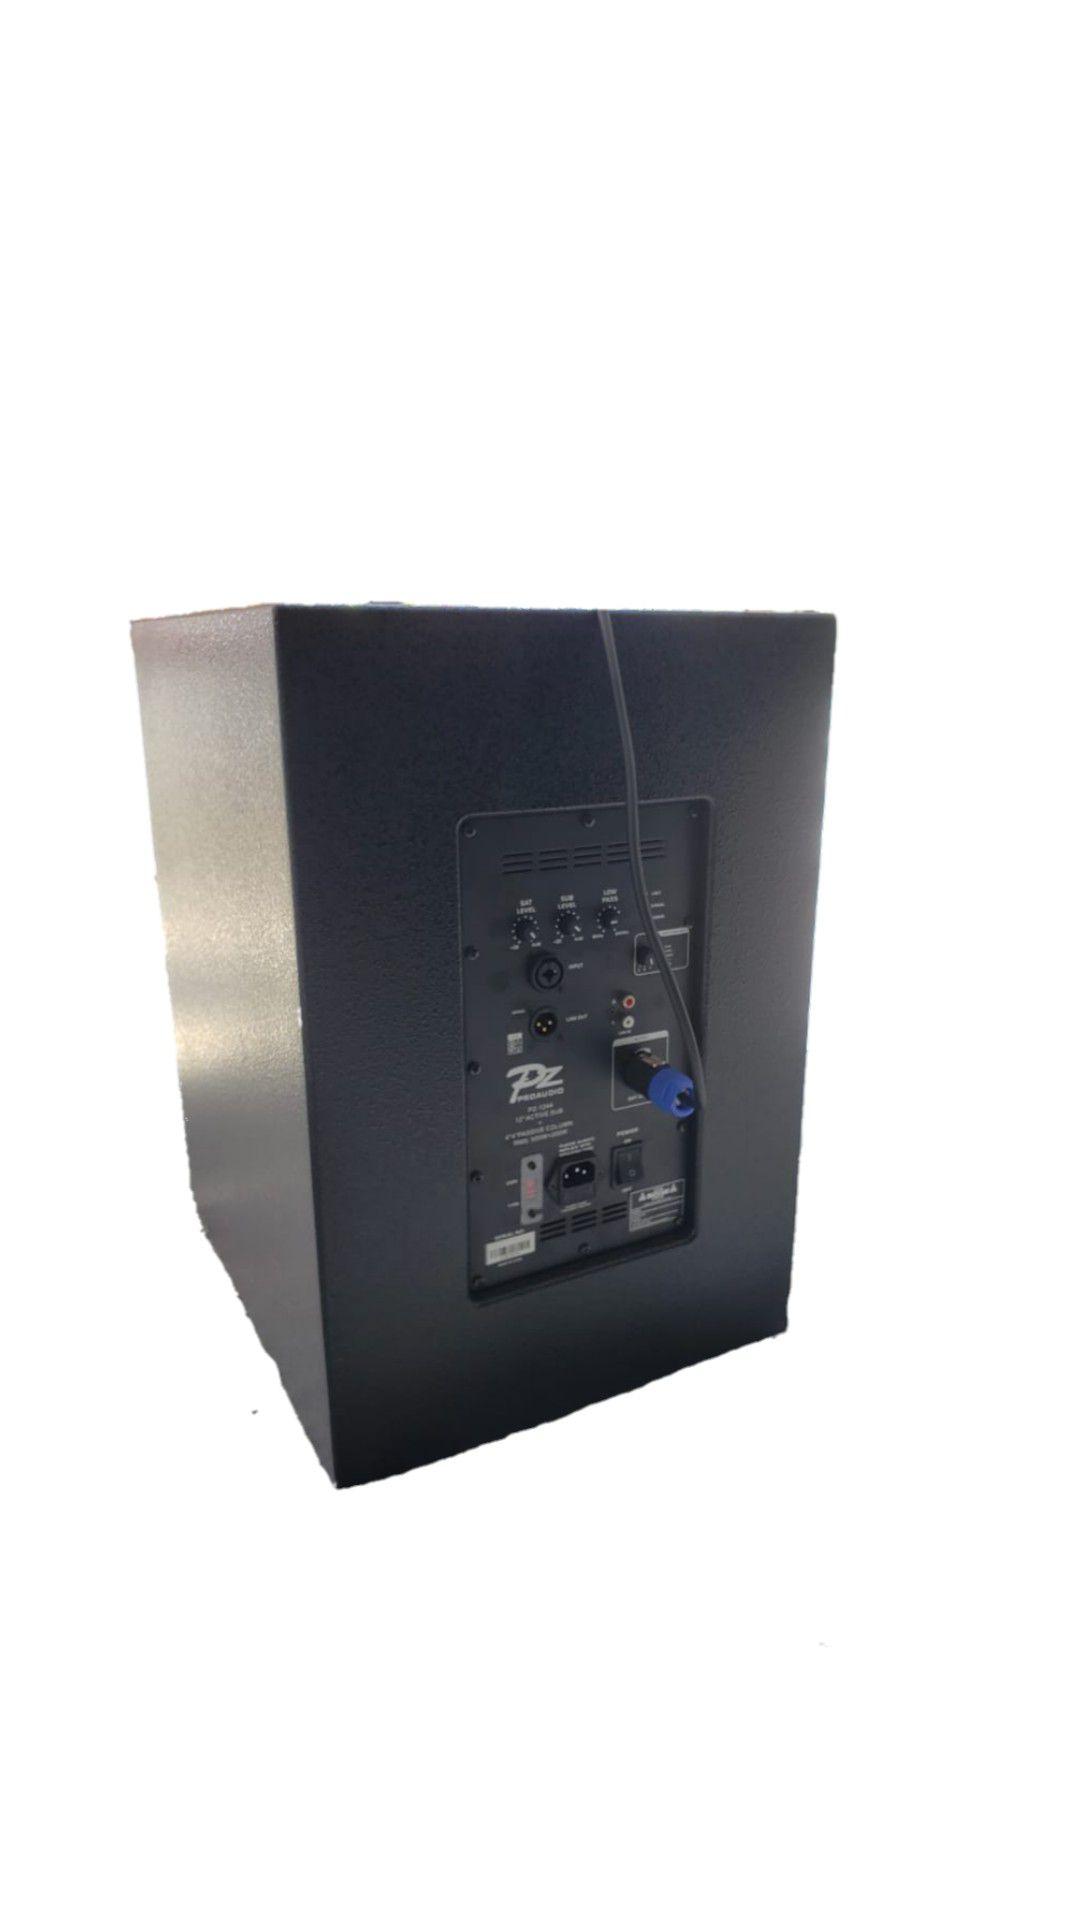 LINE VERTICAL PZ PROAUDIO PZ1244 COLUNA FAL4 NEODIMIO 200WRMS C/SUB FAL12 500WRMS .T IMPORT